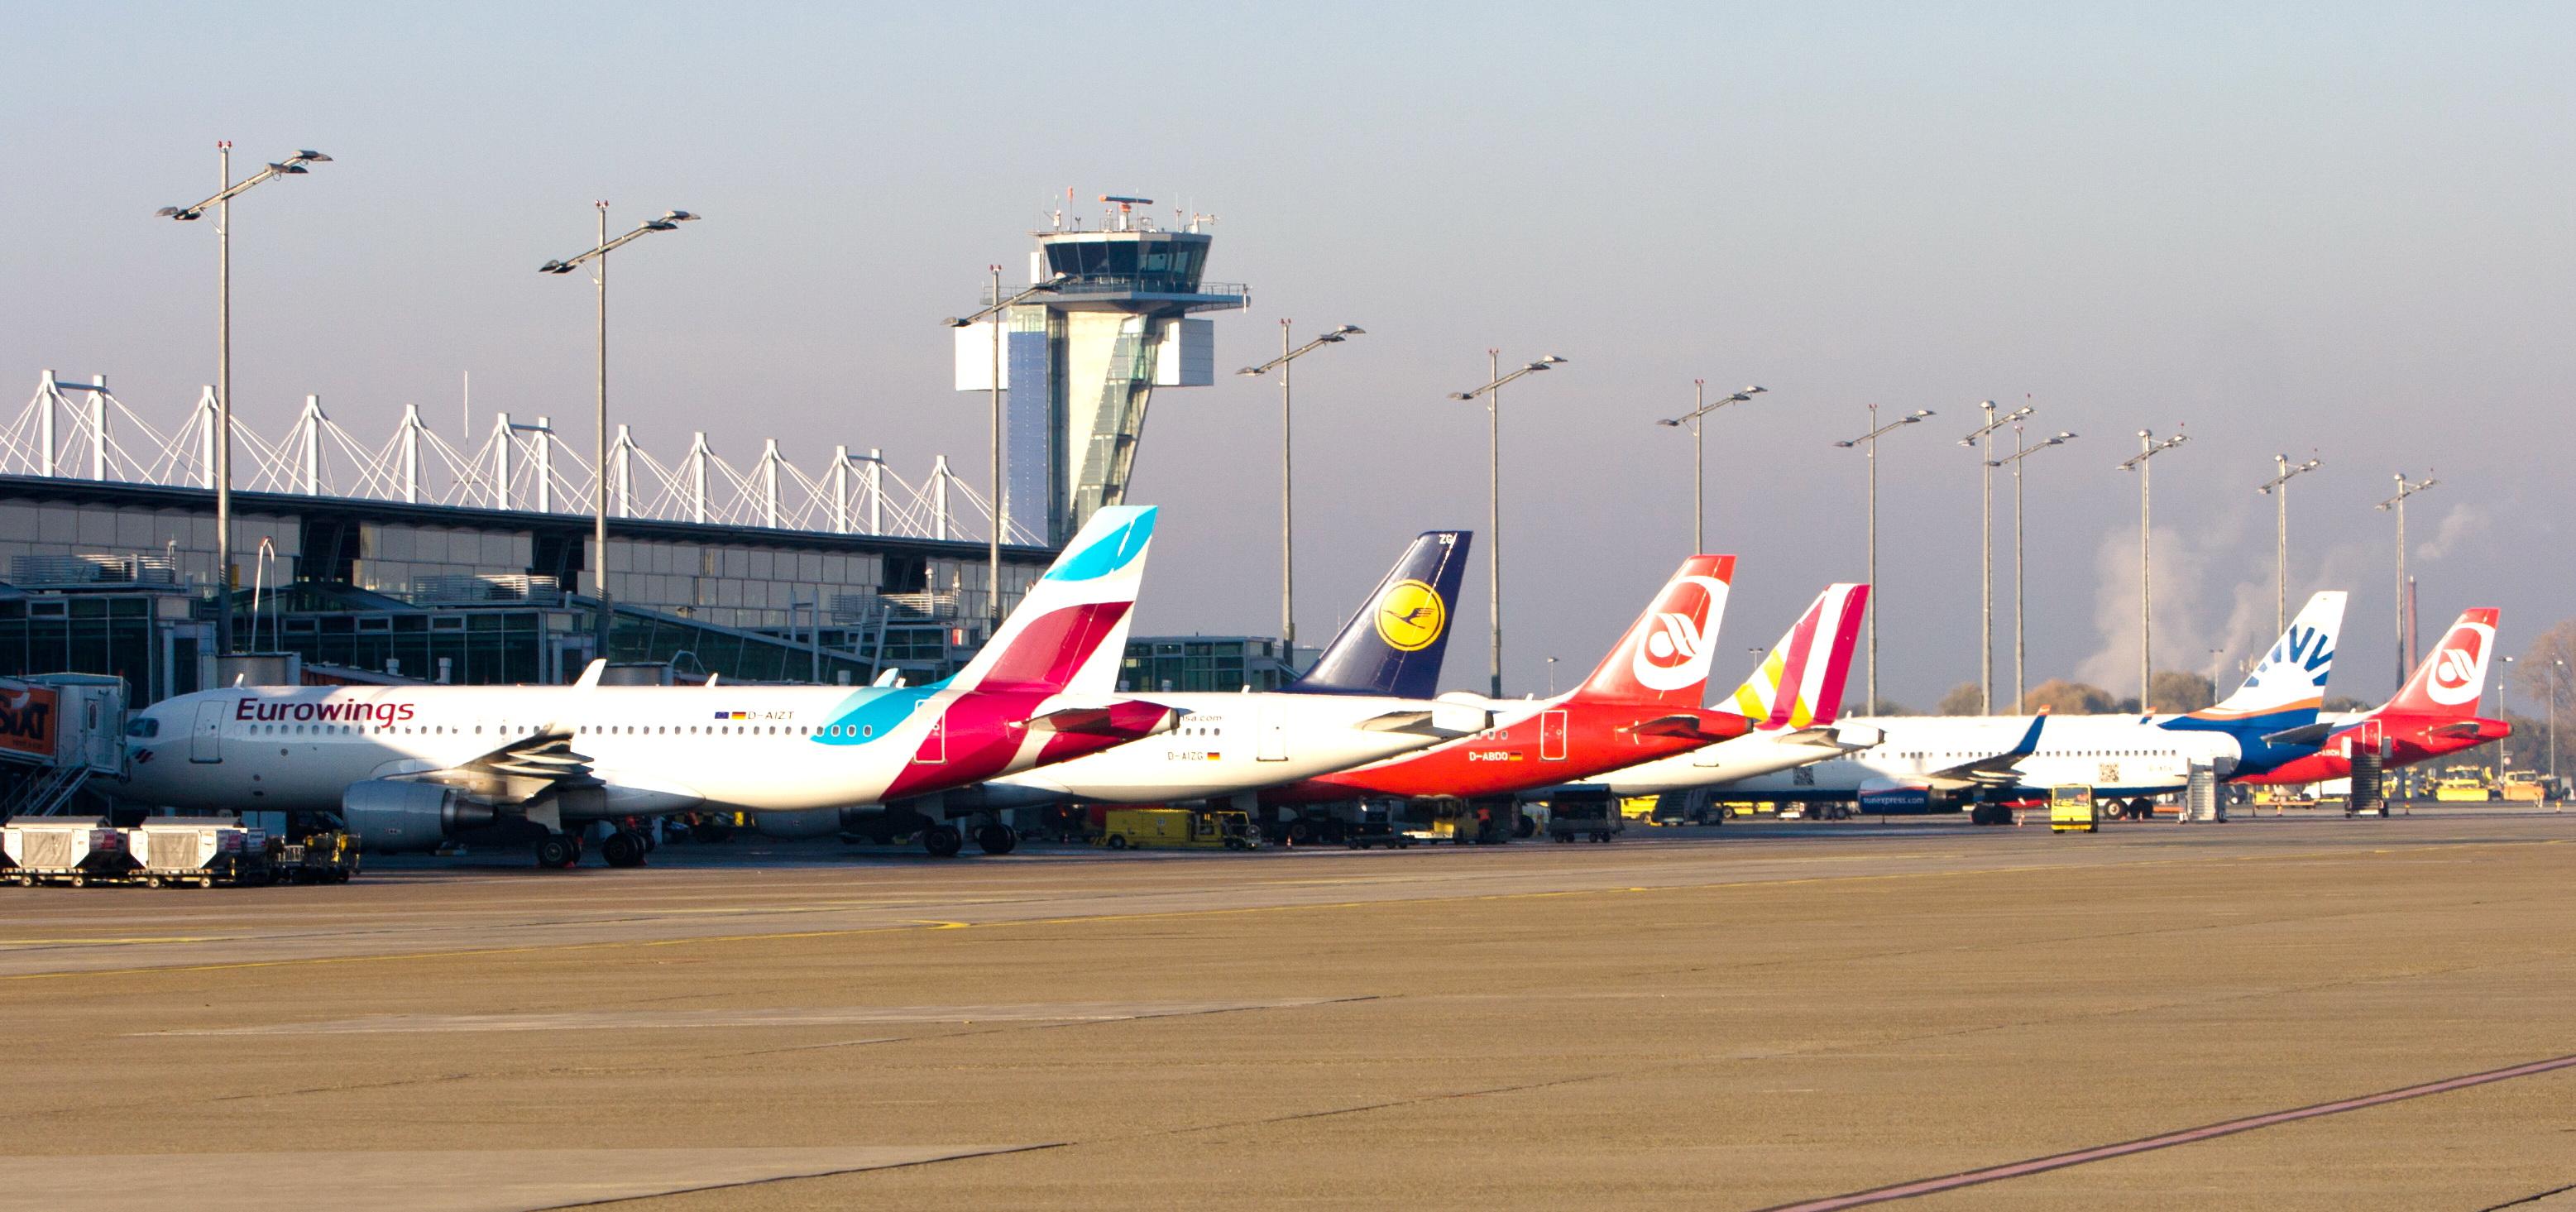 Erstmals über 400.000 Fluggäste in einem Monat